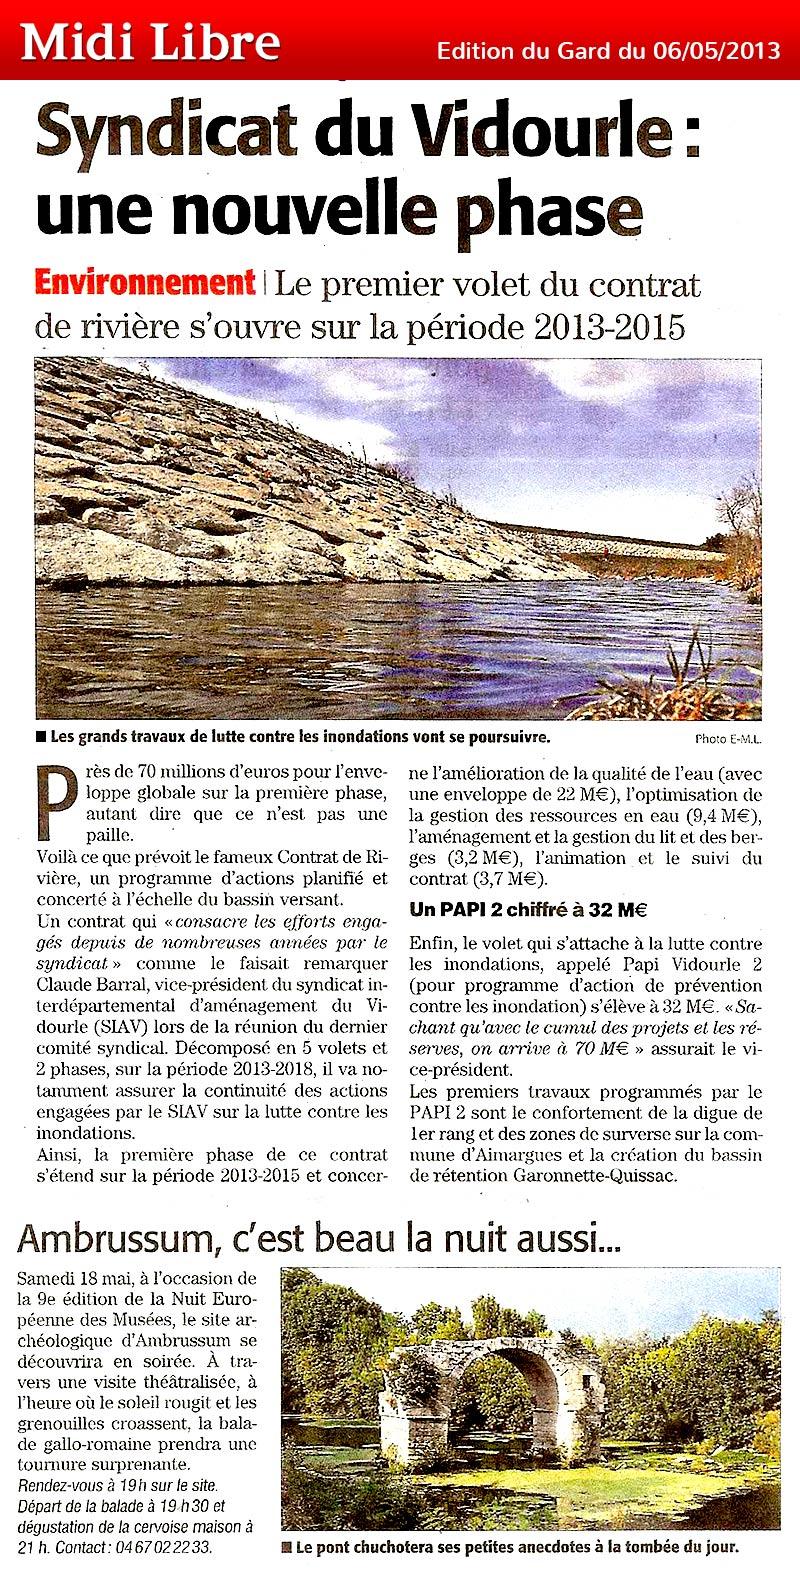 Midi Libre du 06/05/2013 – Syndicat du Vidourle